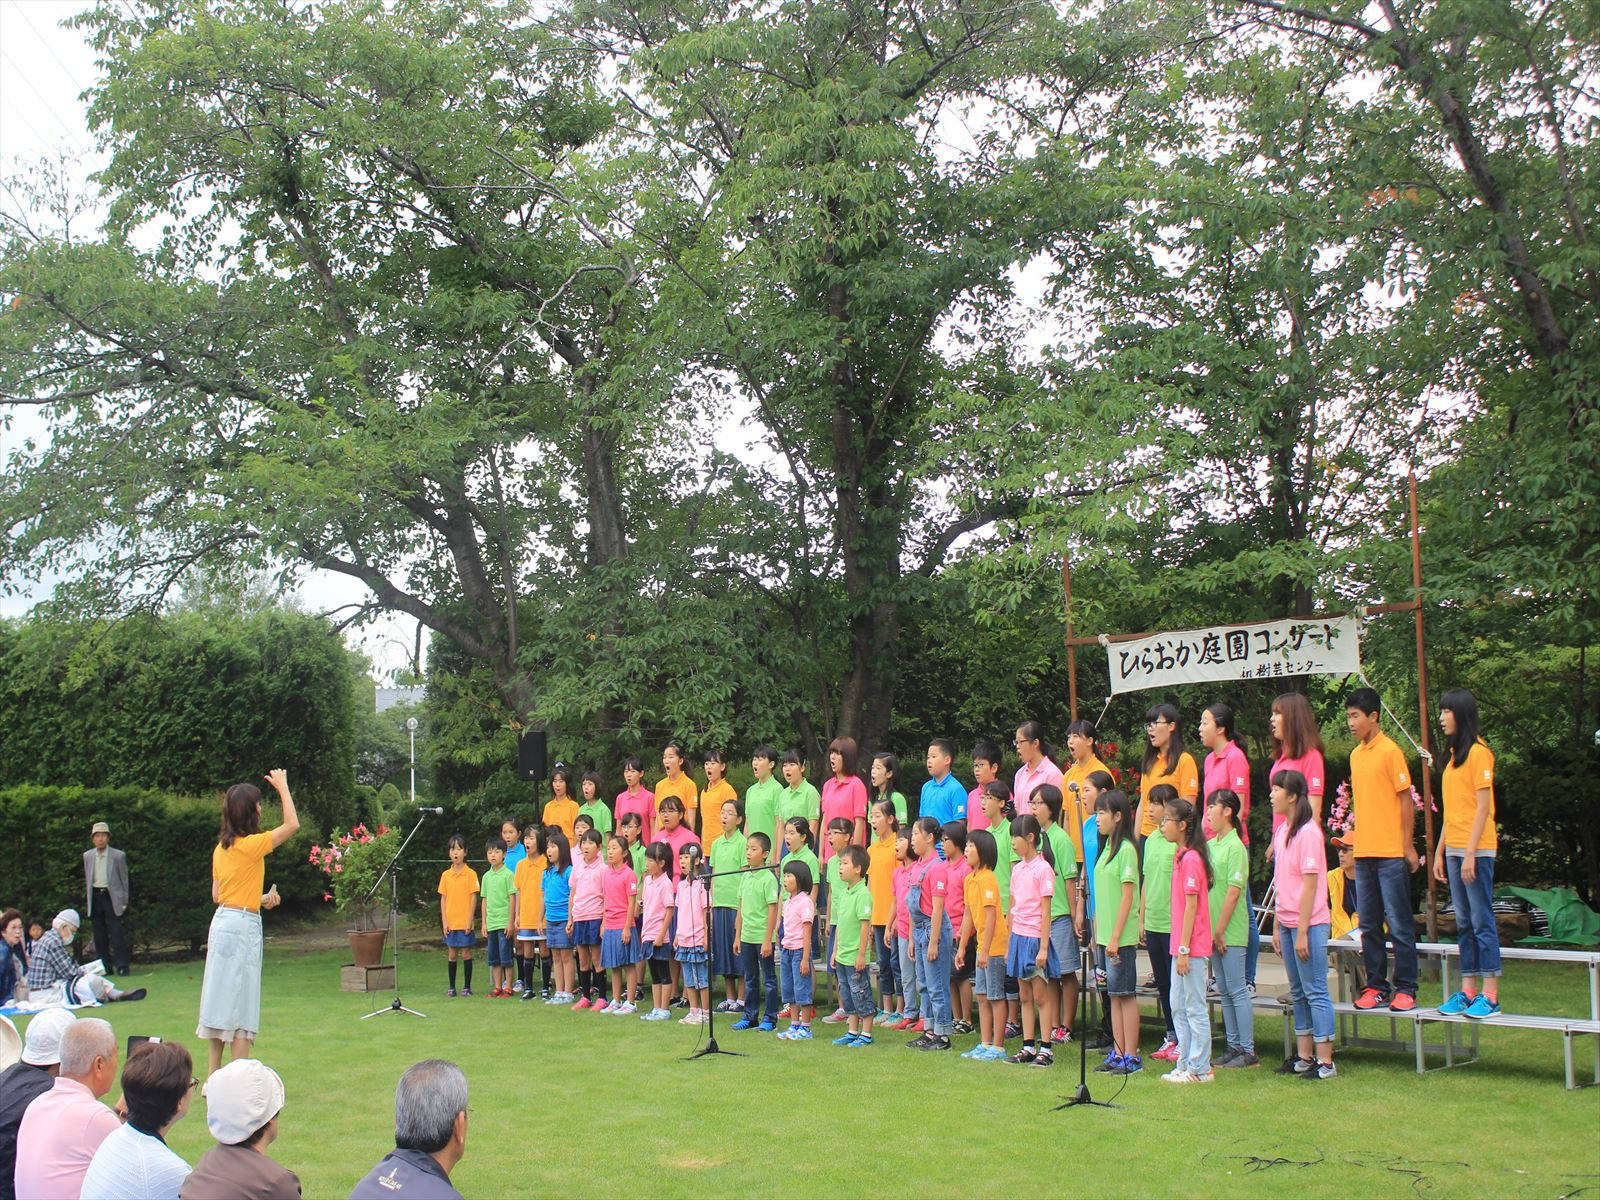 札幌北野少年少女合唱団の元気な歌声